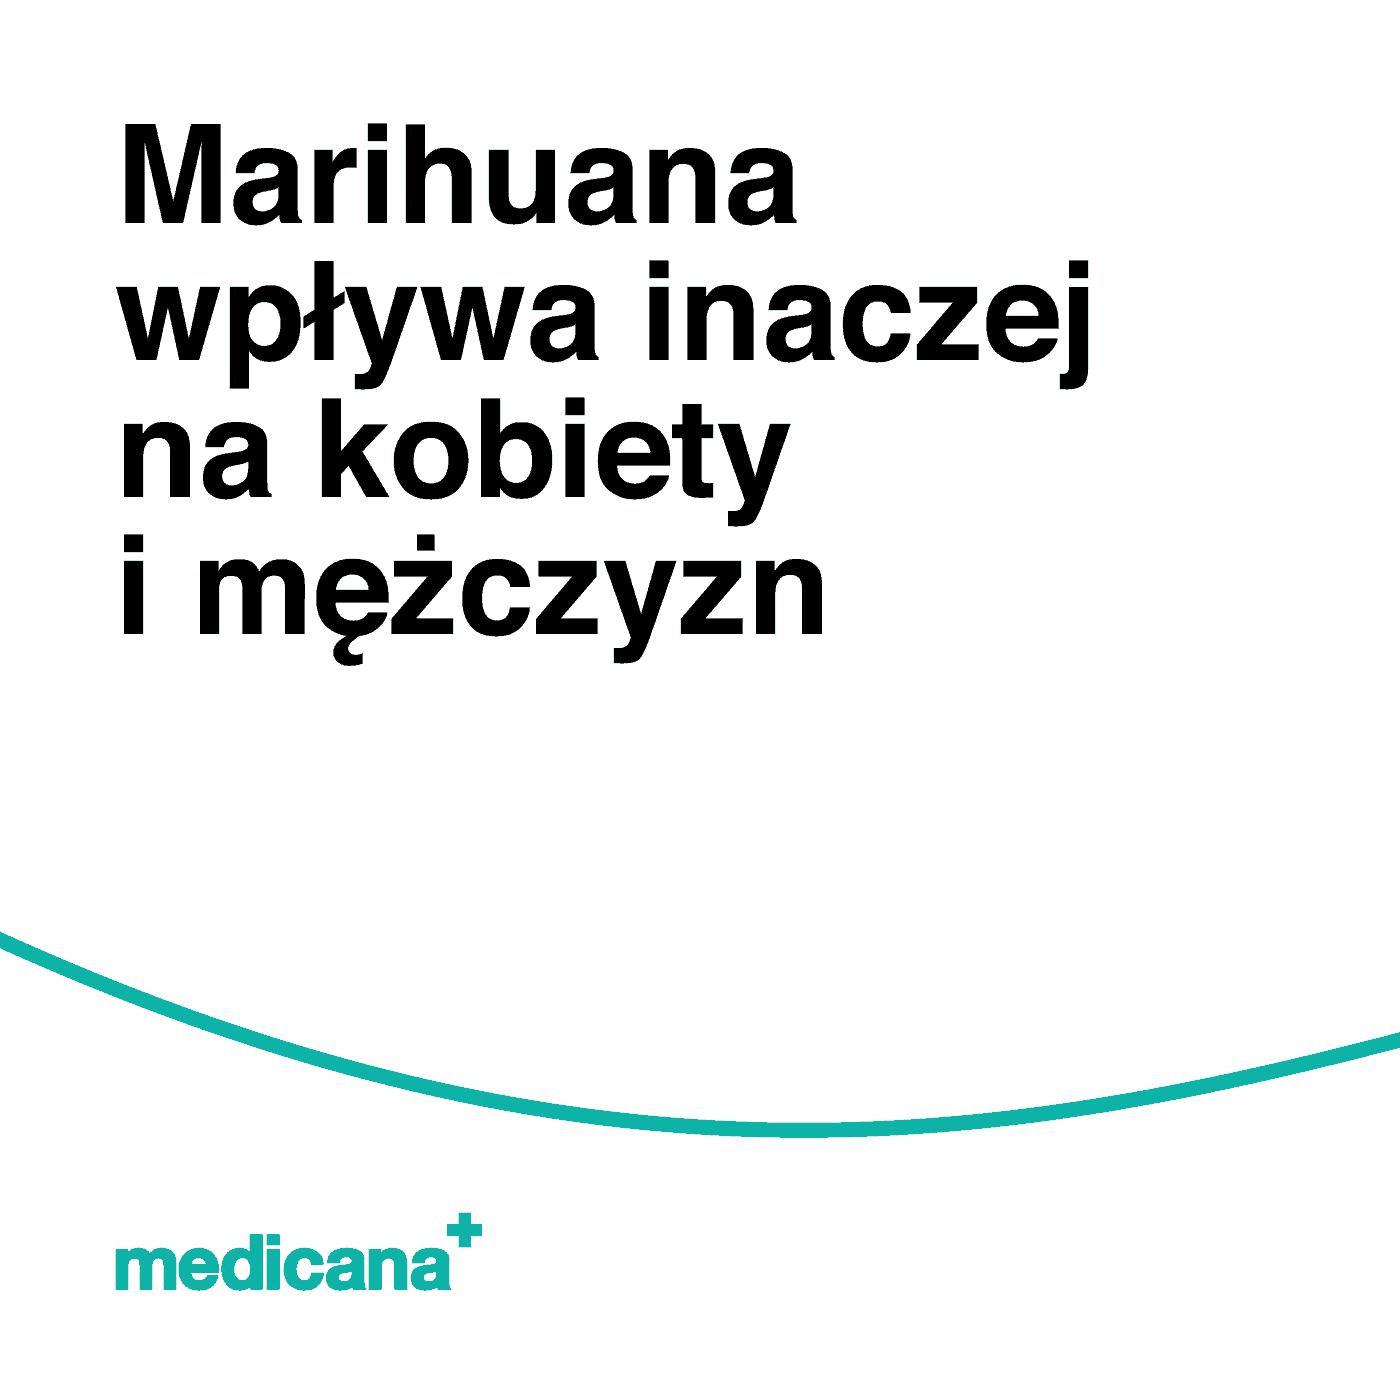 Grafika, na białym tle napis: Marihuana wpływa inaczej na kobiety i mężczyzn. Zieloną linią i logiem medicana w lewym dolnym rogu.